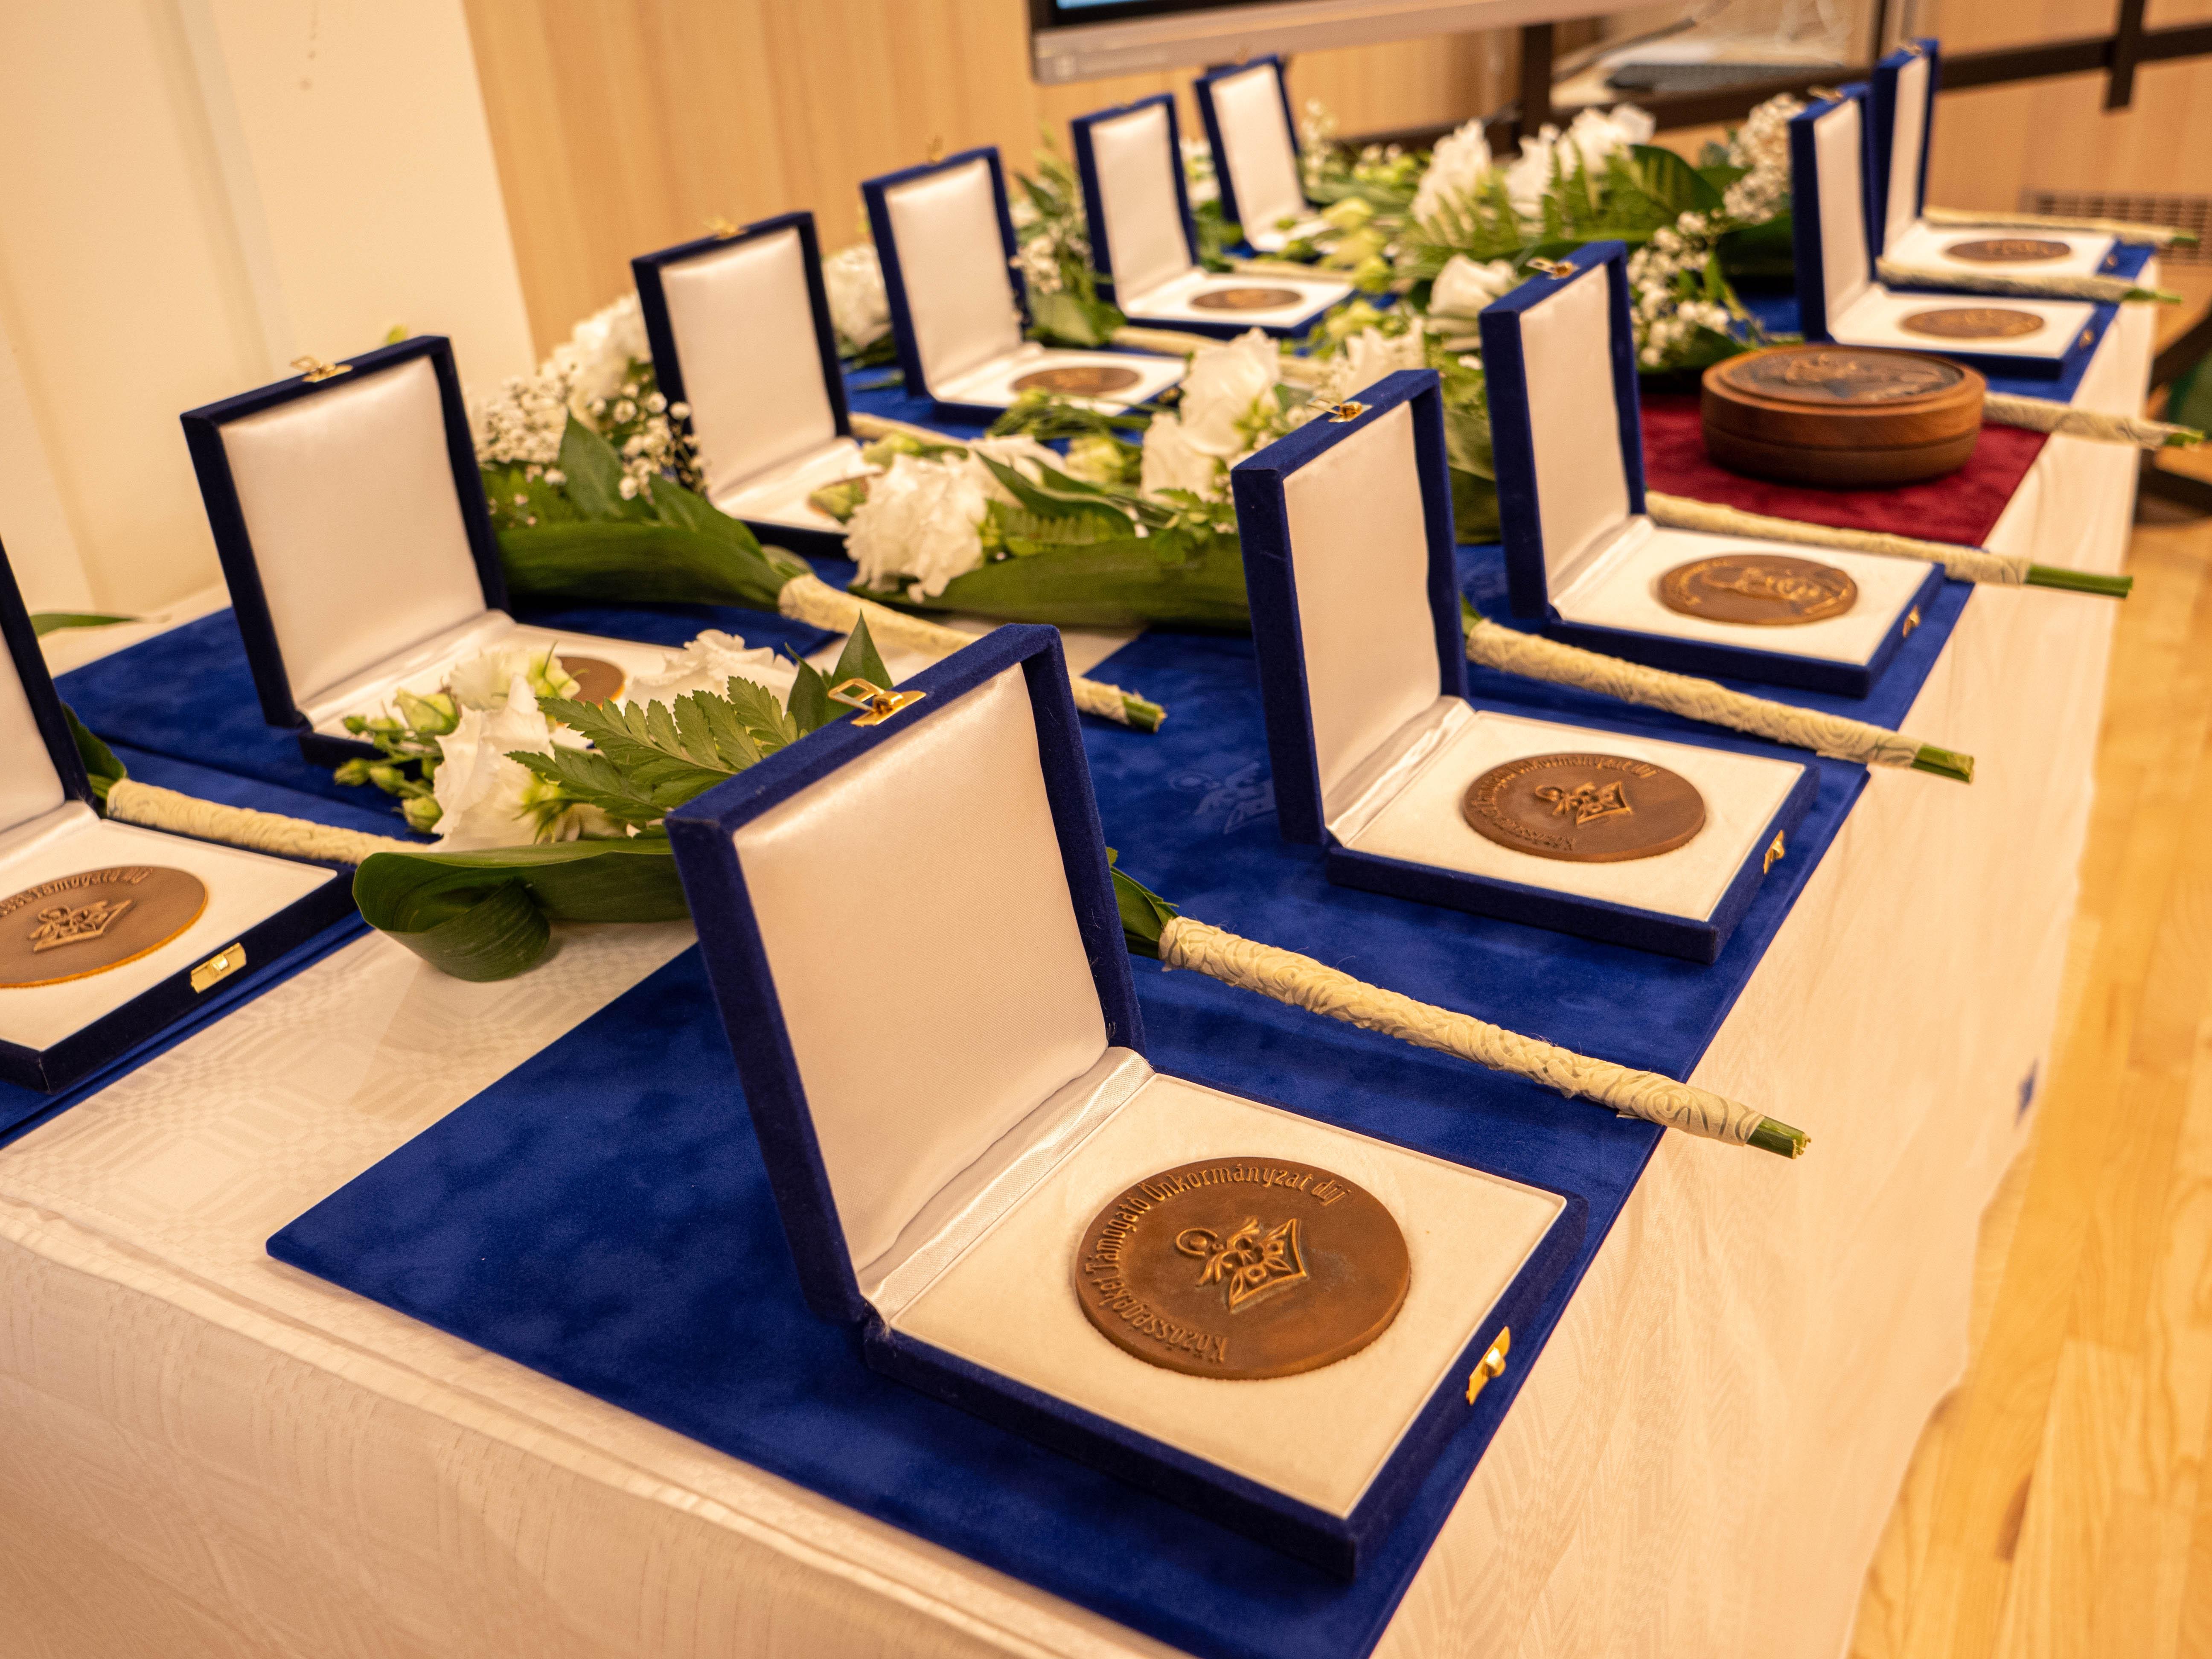 Rangos szakmai kitüntetéseket adtak át a Nemzeti Művelődési Intézetben